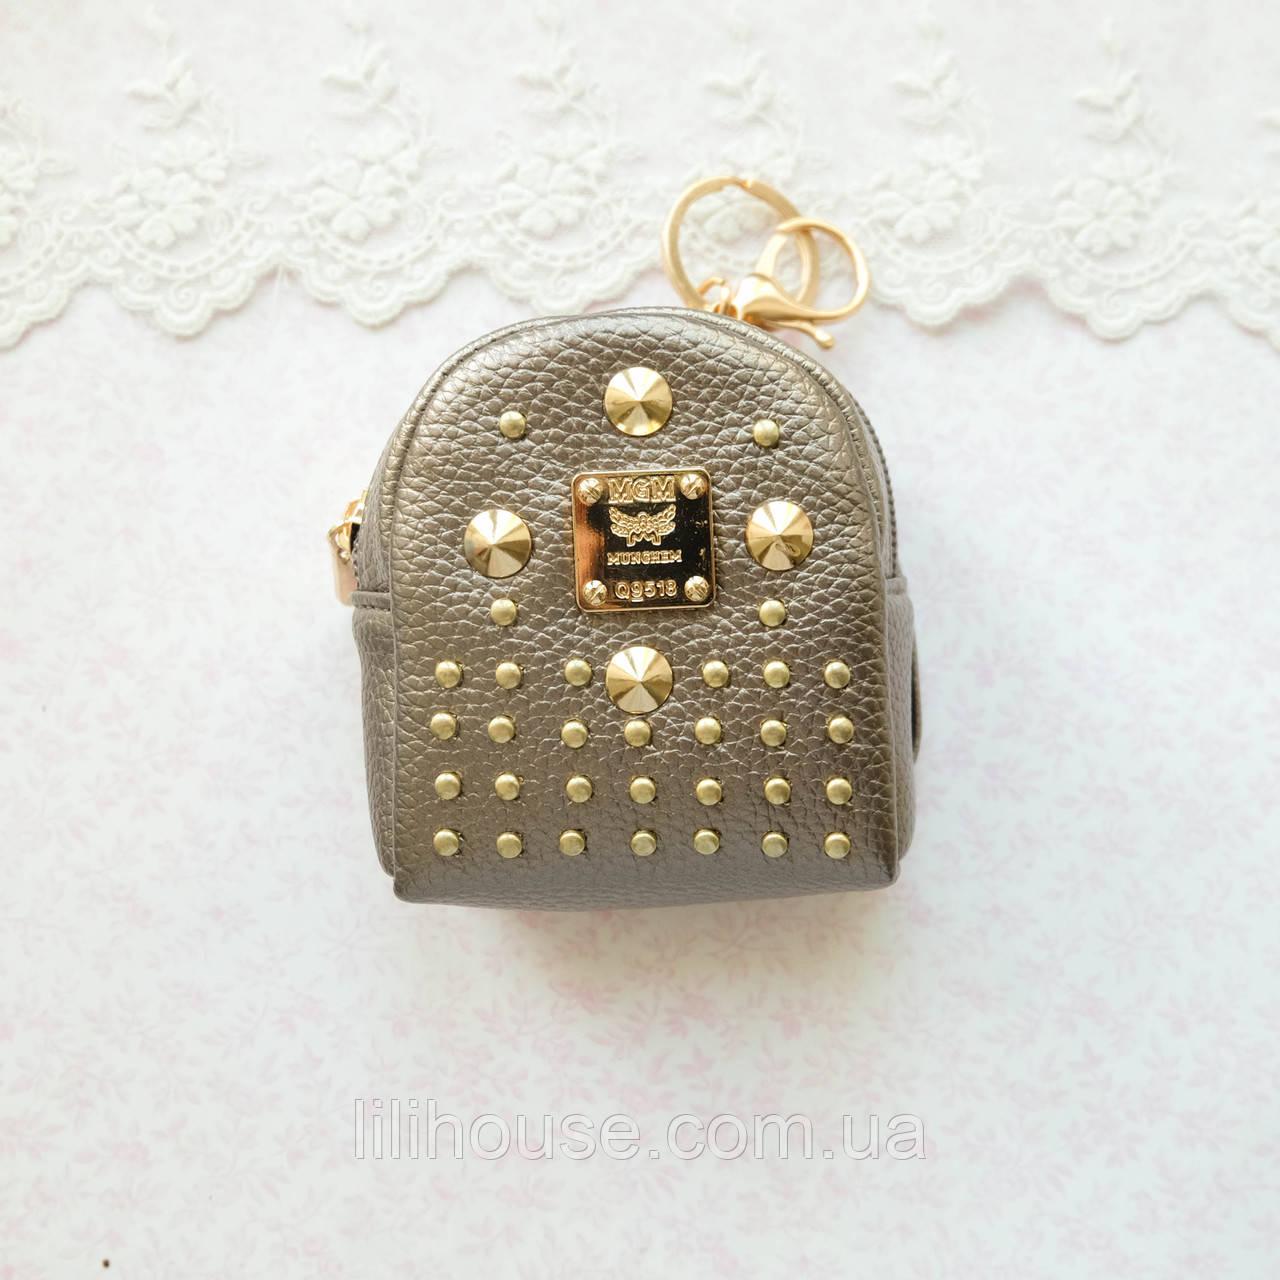 Рюкзак БРОНЗА МЕТАЛЛИК с золотой фурнитурой 9 см